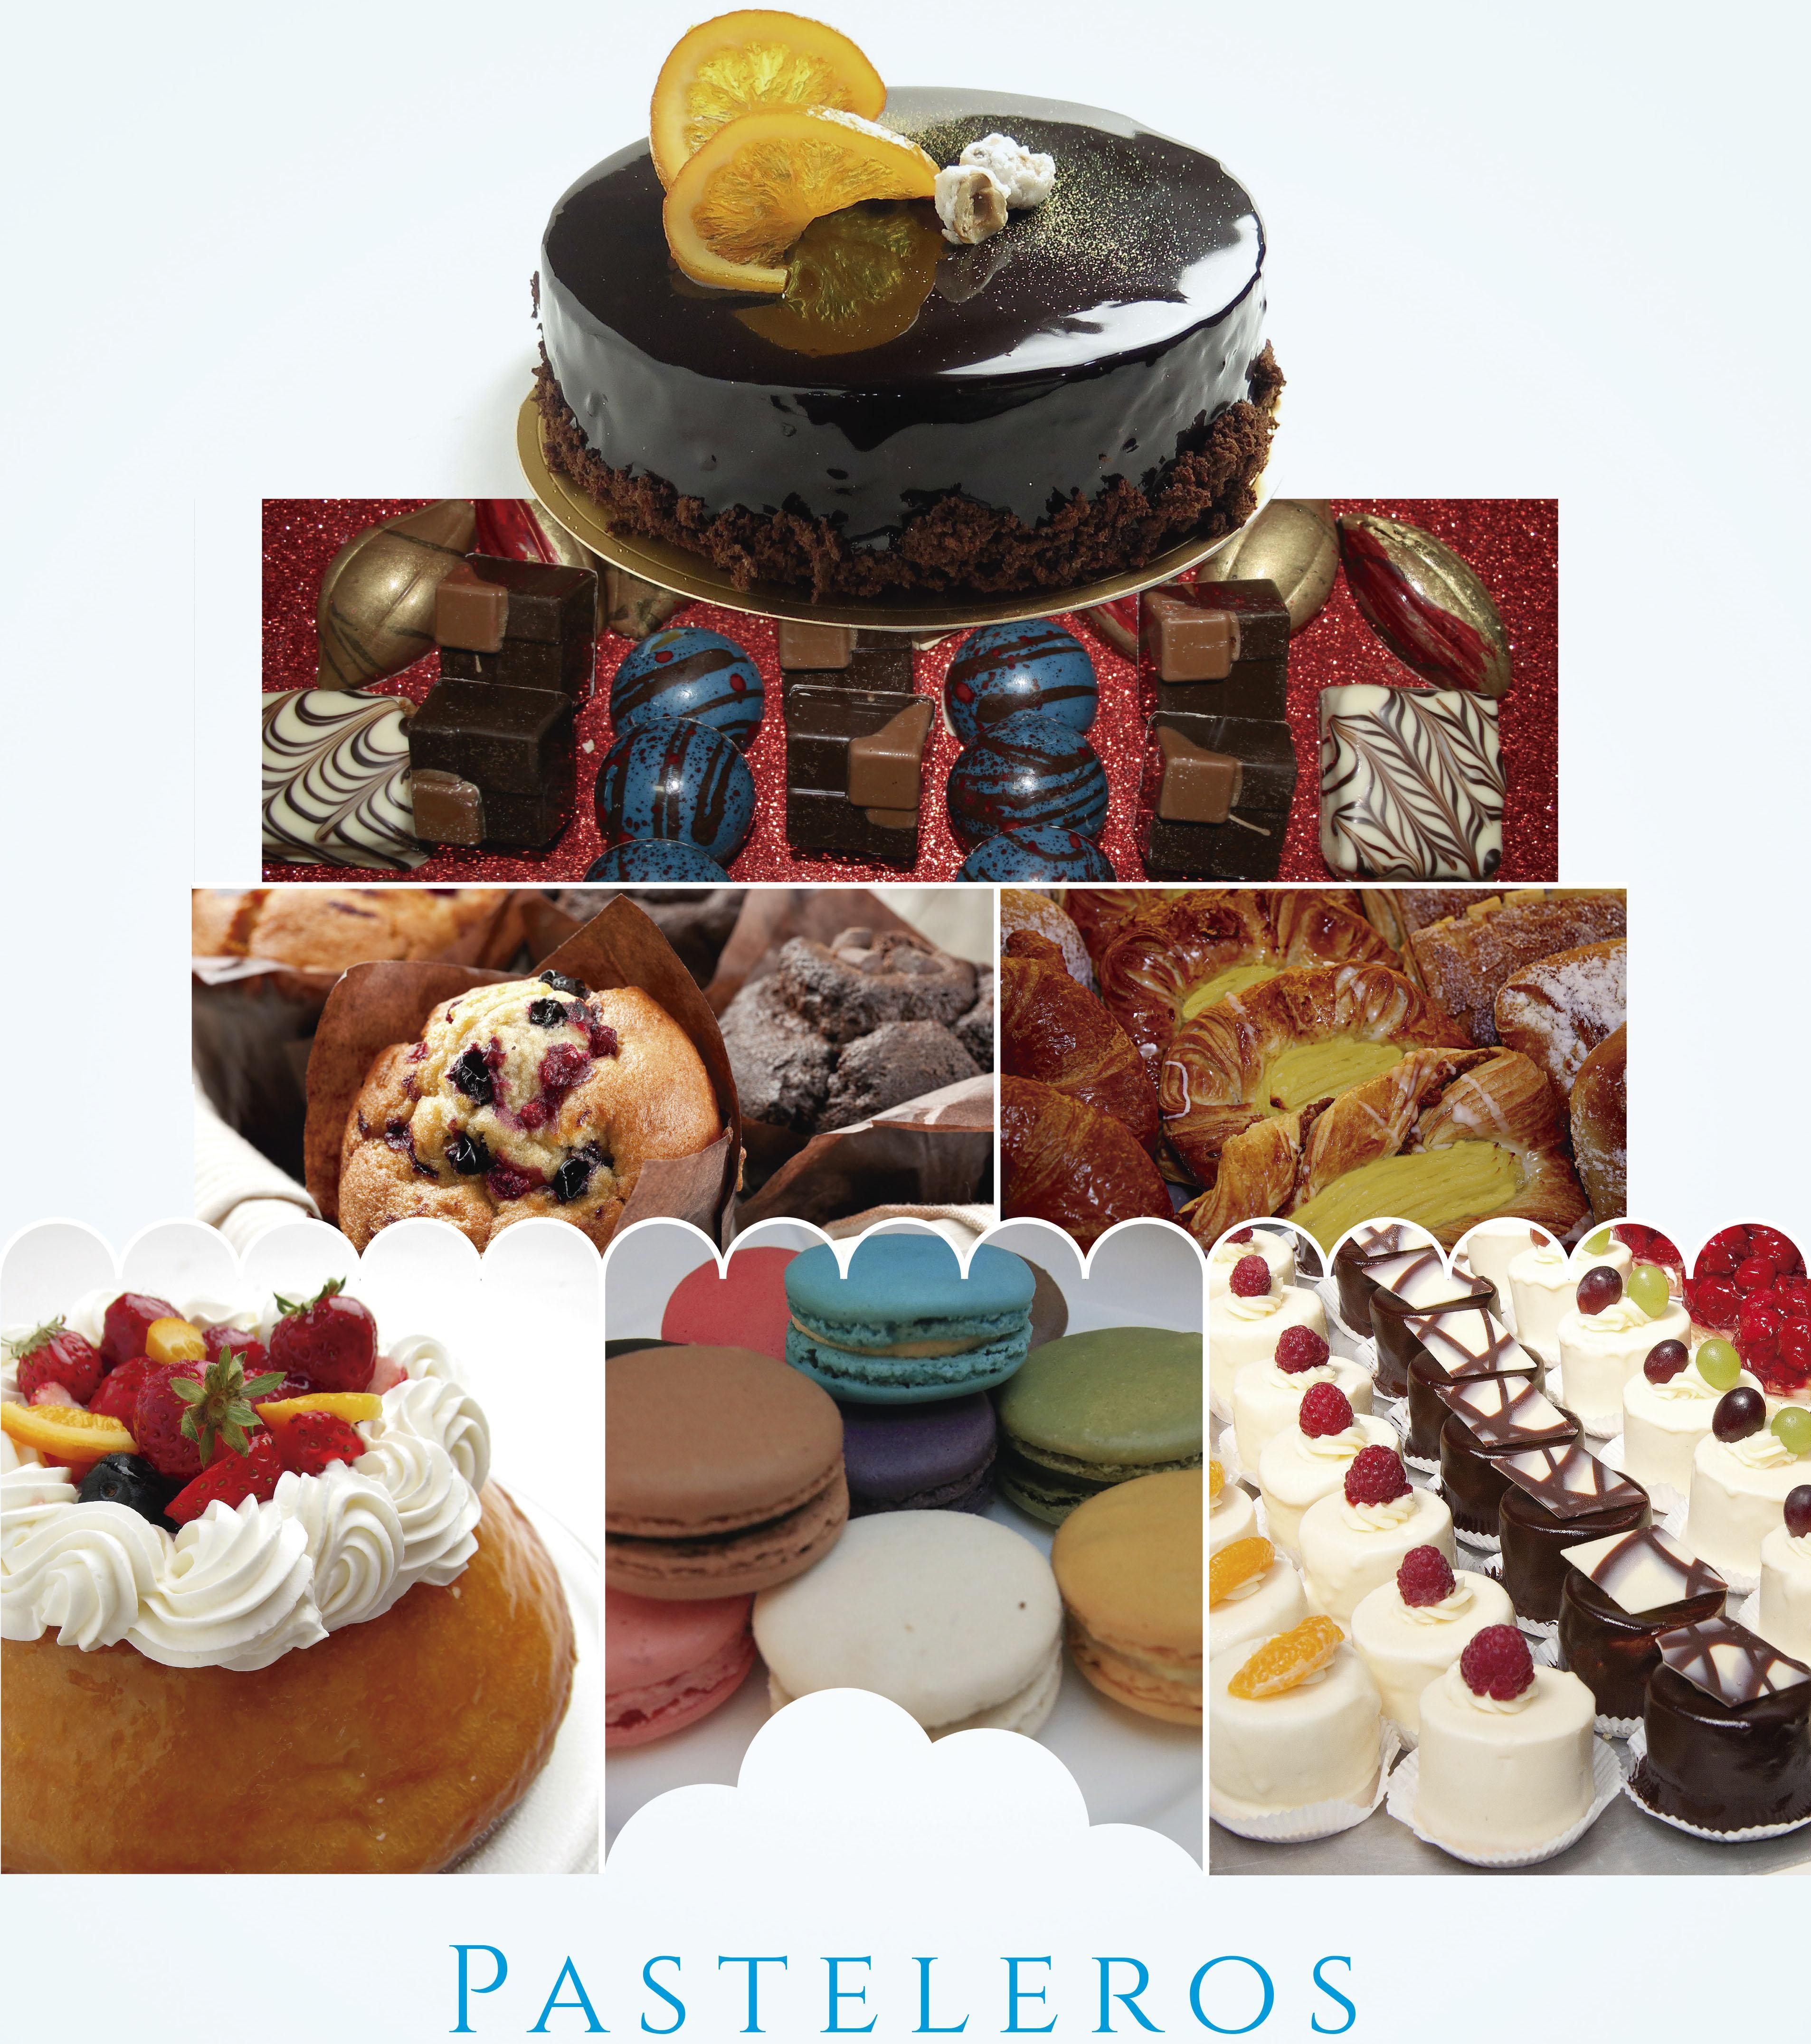 Calendario pastelerías artesanas